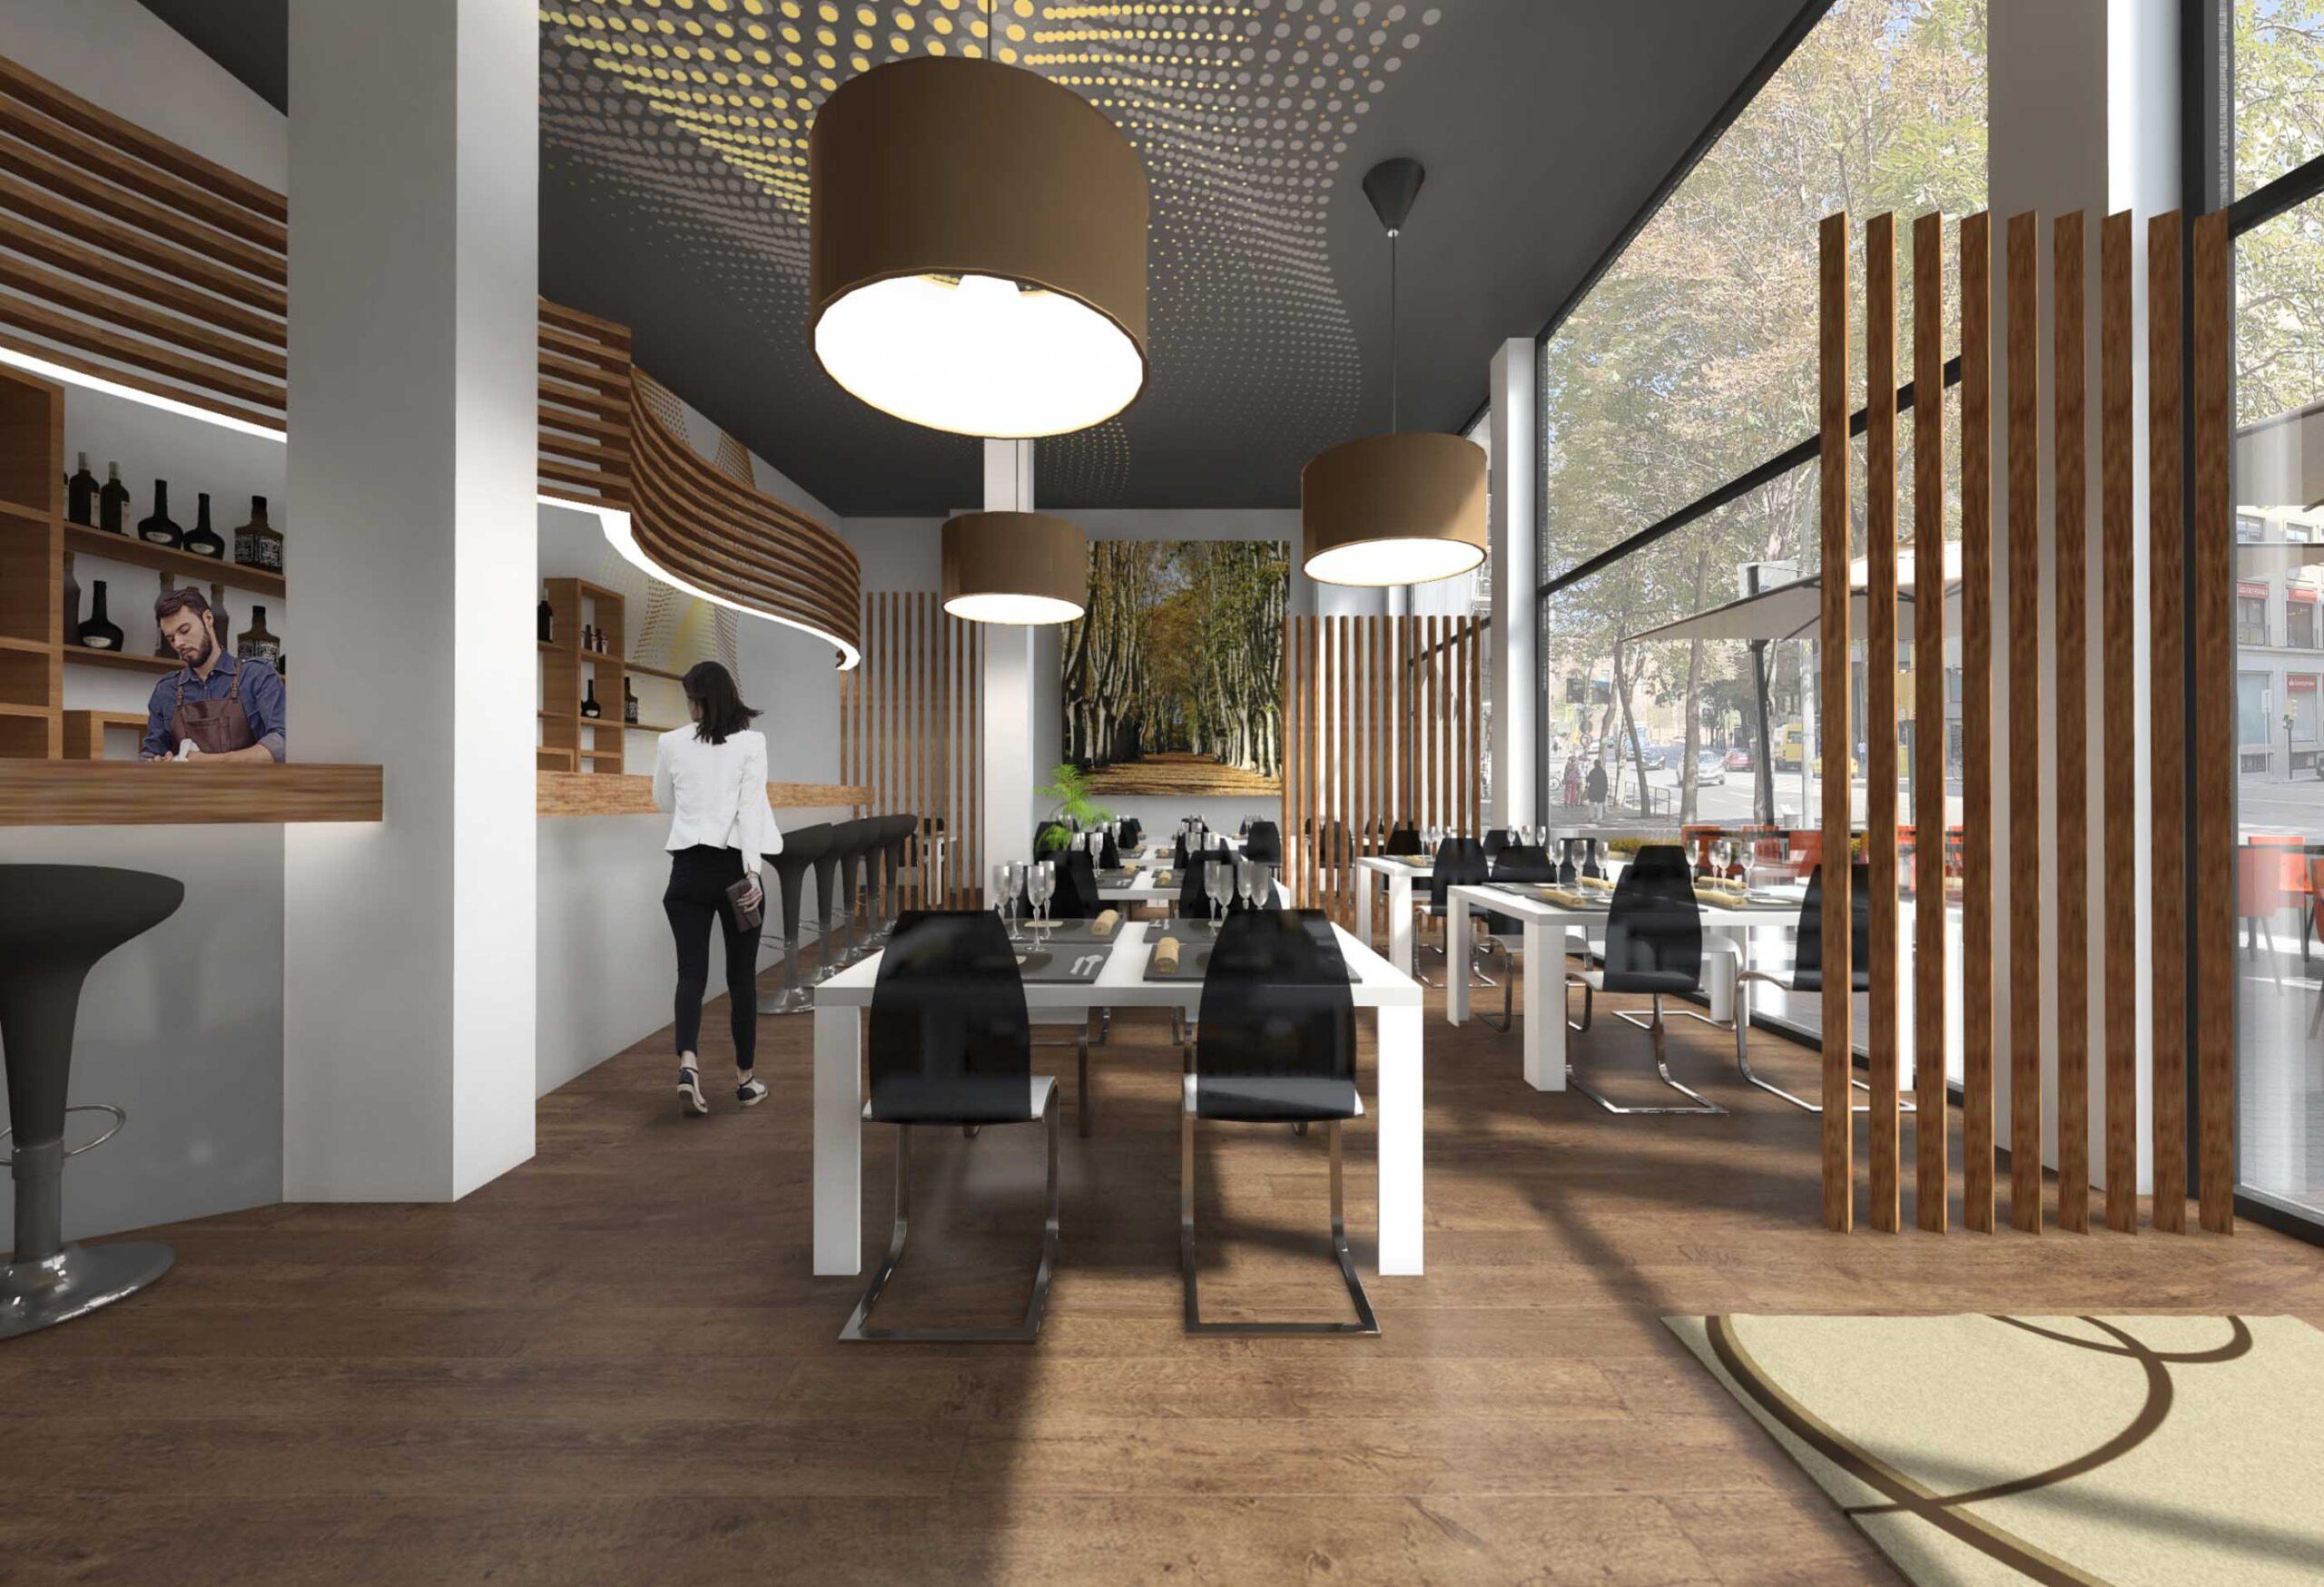 Restaurant Render Girona. anbimedia 3d